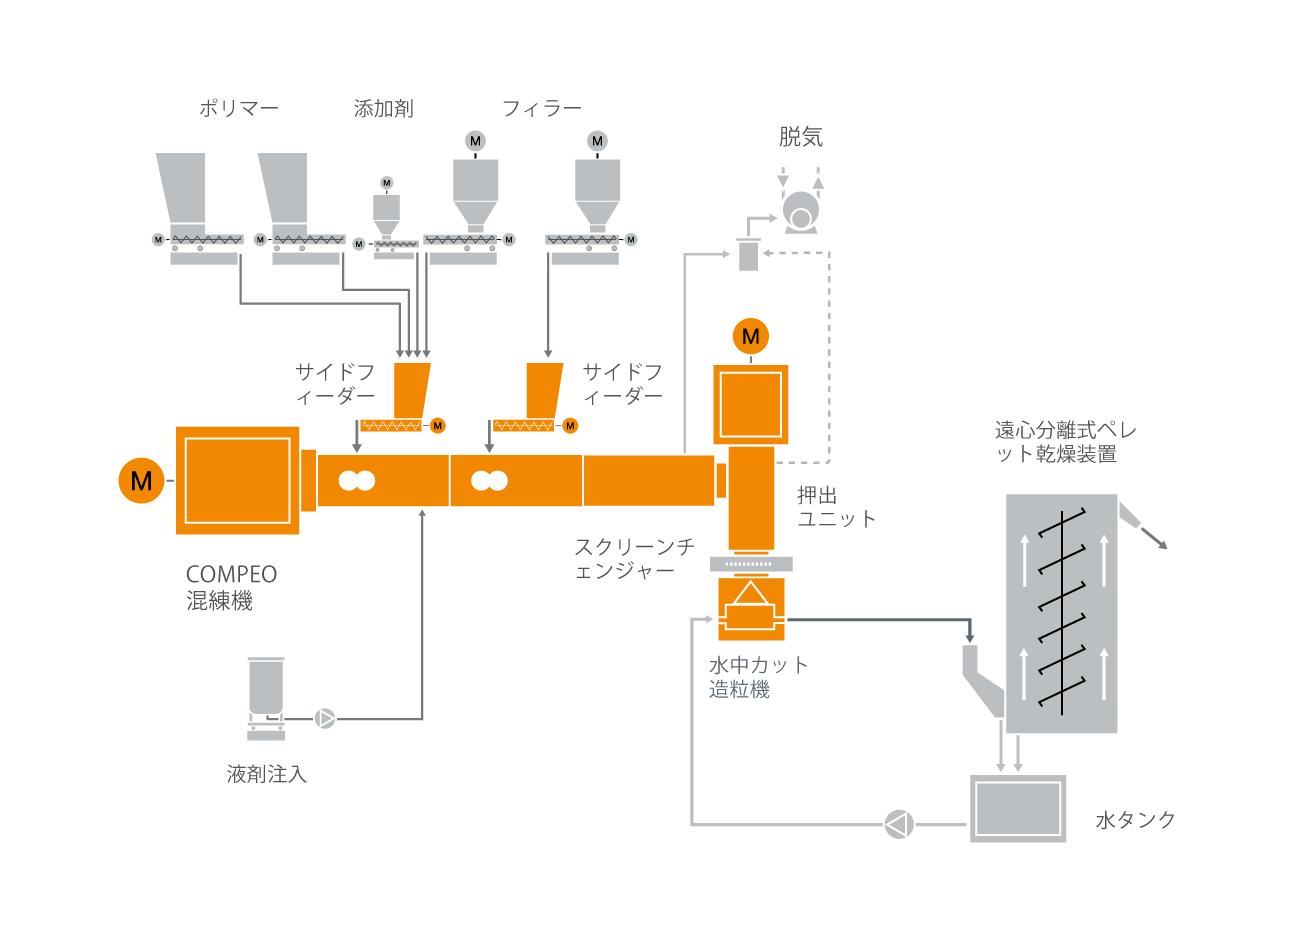 ハロゲンフリー難燃材ケーブル混練システムの典型的な工場内のレイアウト